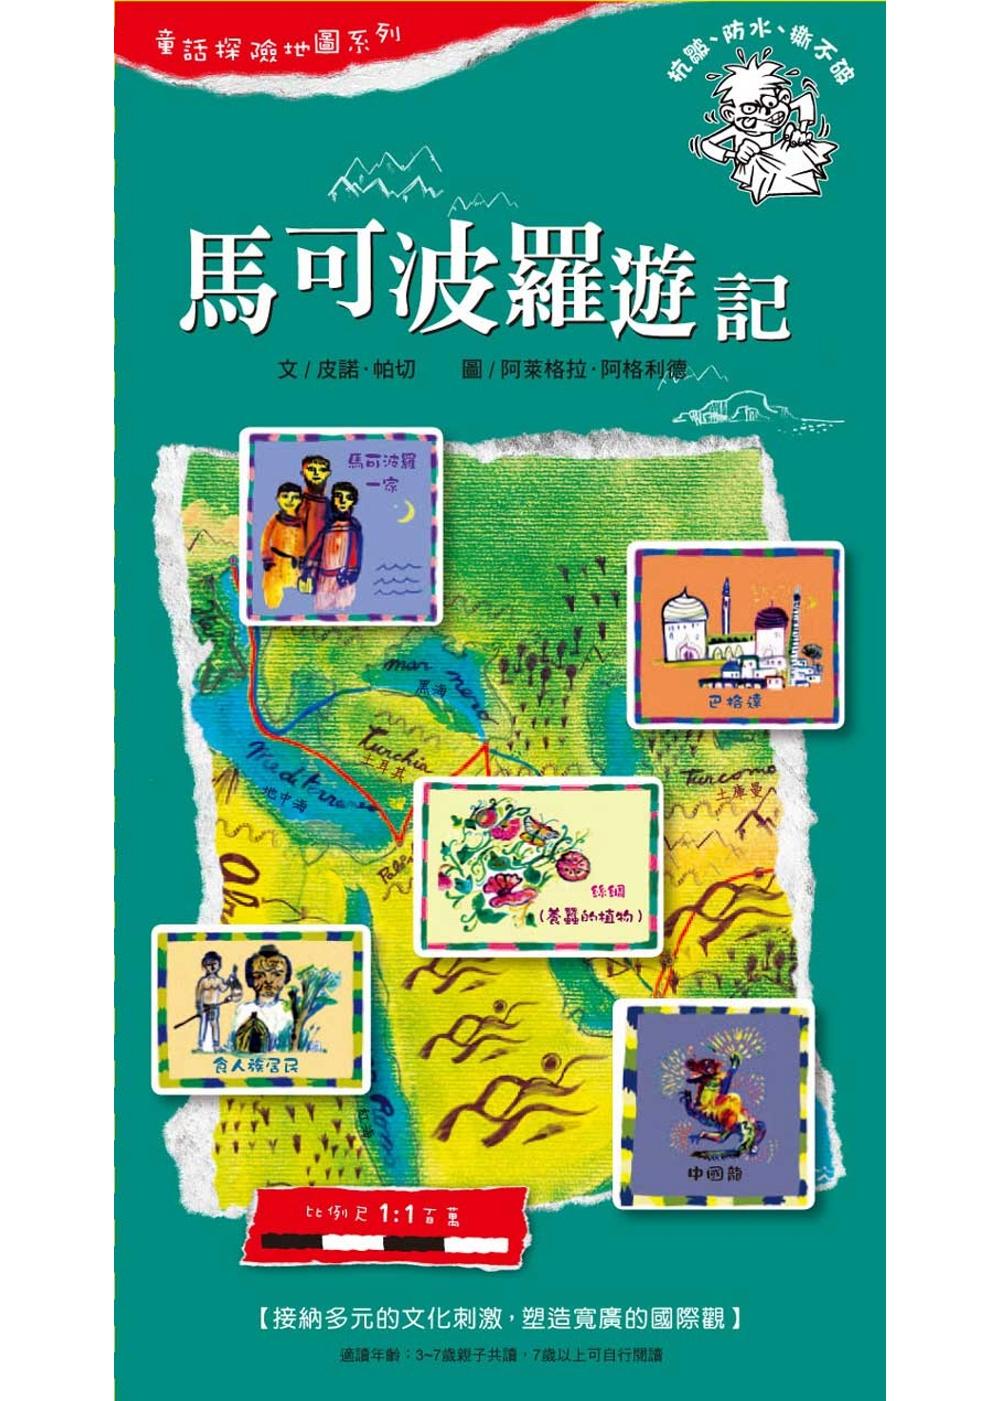 童話探險地圖系列-馬可波羅遊記:接納多元的文化刺激,塑造寬廣的國際觀